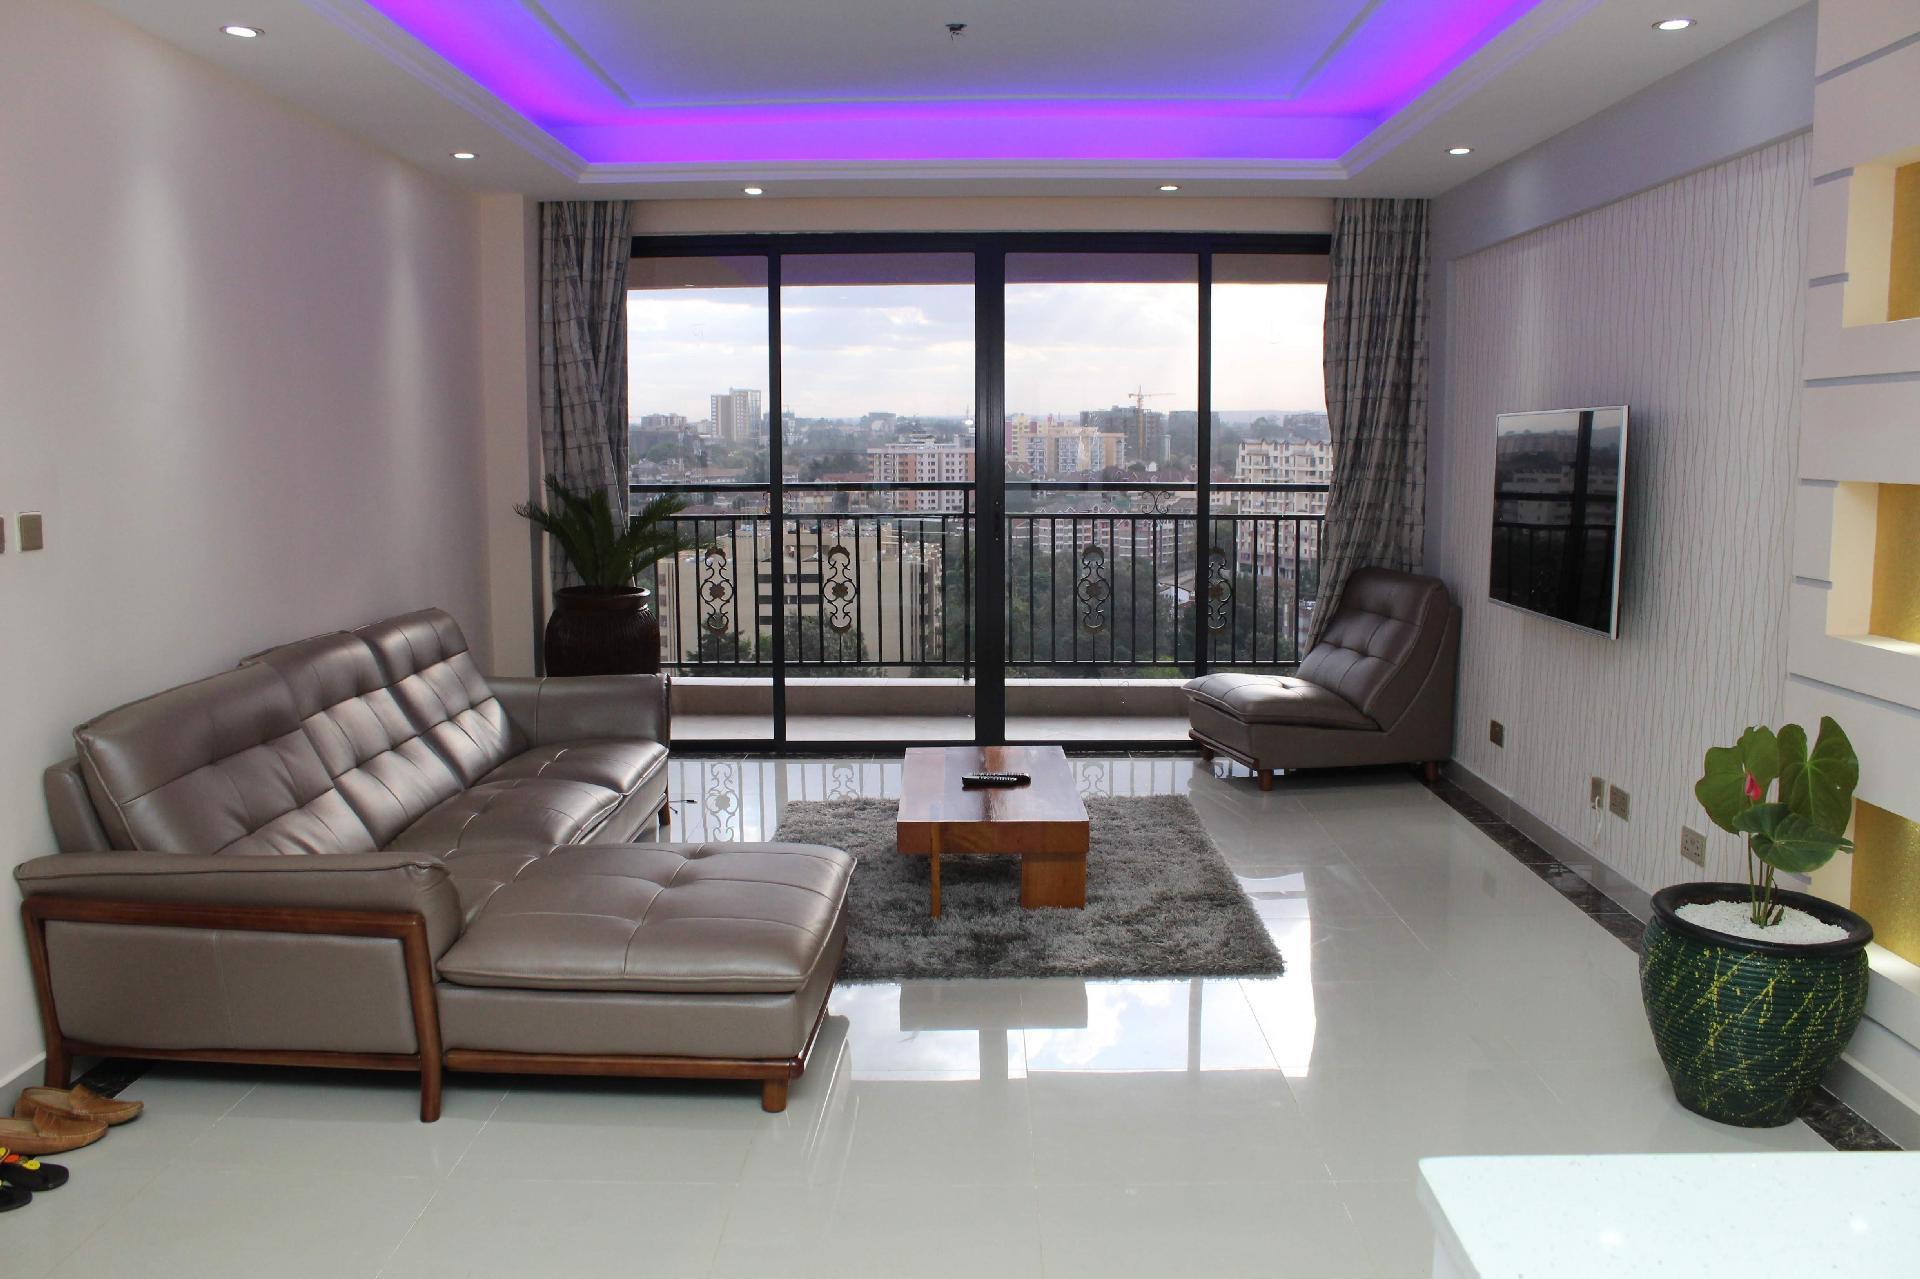 Ferienwohnung für 6 Personen ca. 232 m²   in Kenia